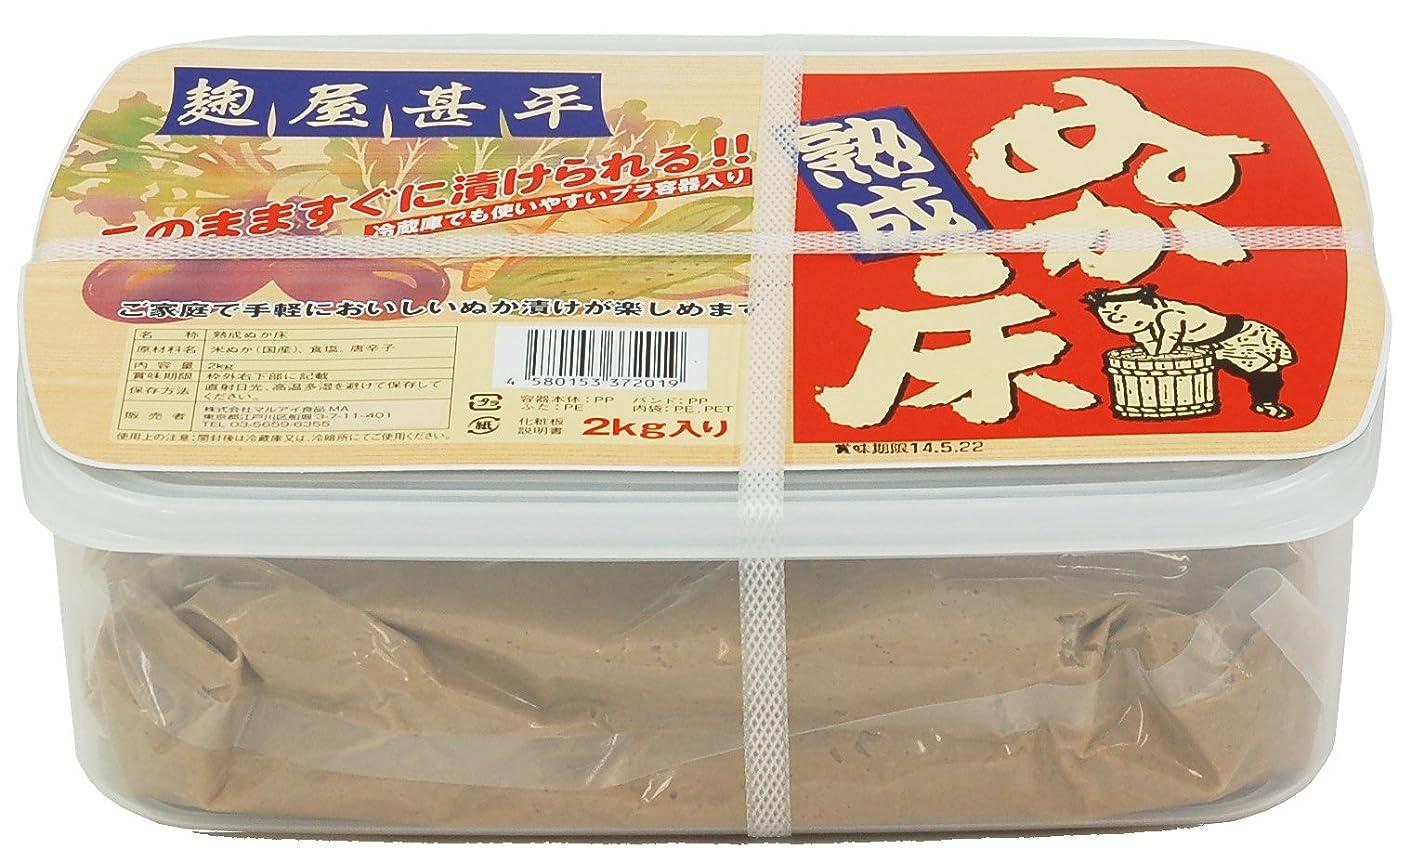 状冒険者深い無農薬ぬか床【ぬかの花】食べられる美味しいぬか床|京都?祇園料亭の味|超熟成|最高級贅沢素材